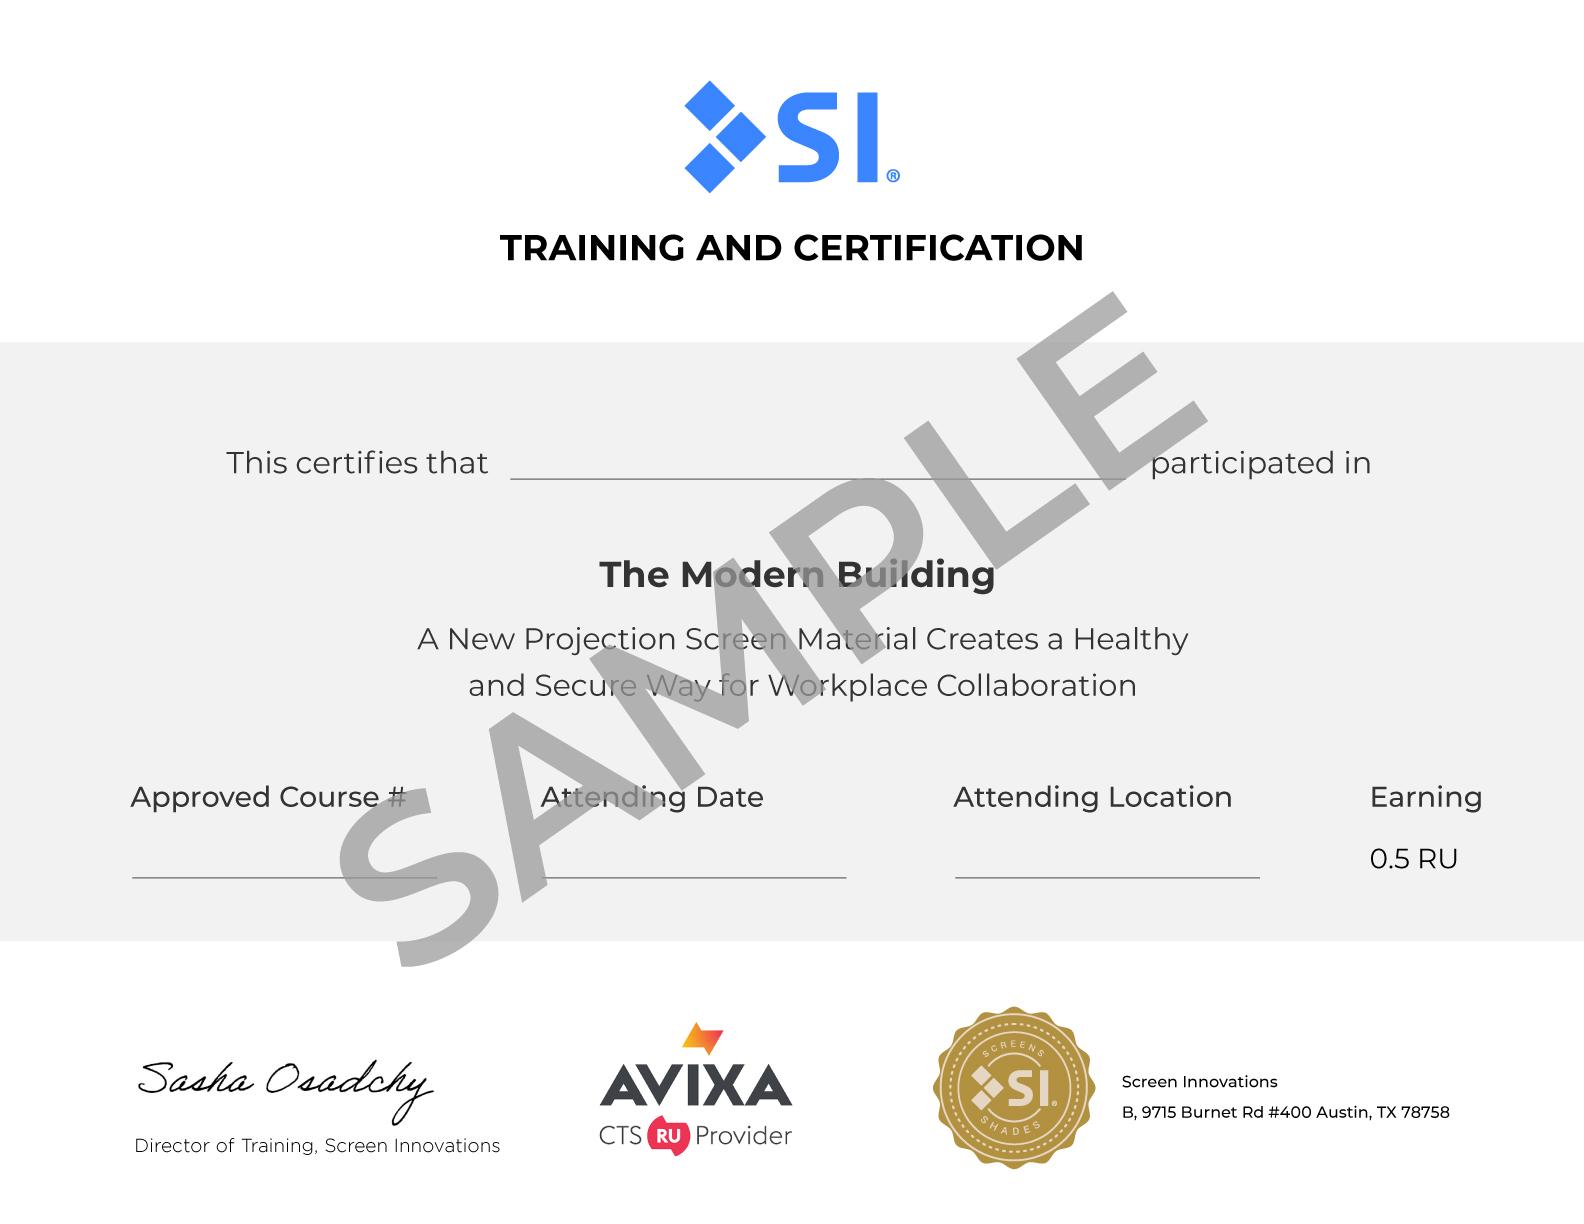 AVIXA Certificate Sample